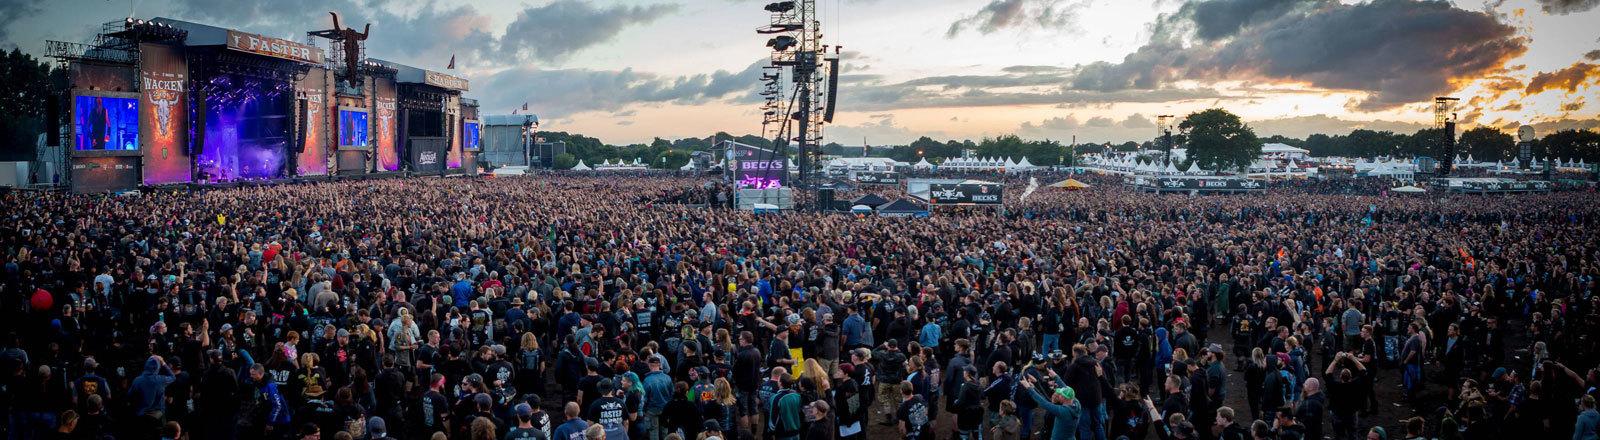 Zuschauer beim Openair-Festival Wacken.